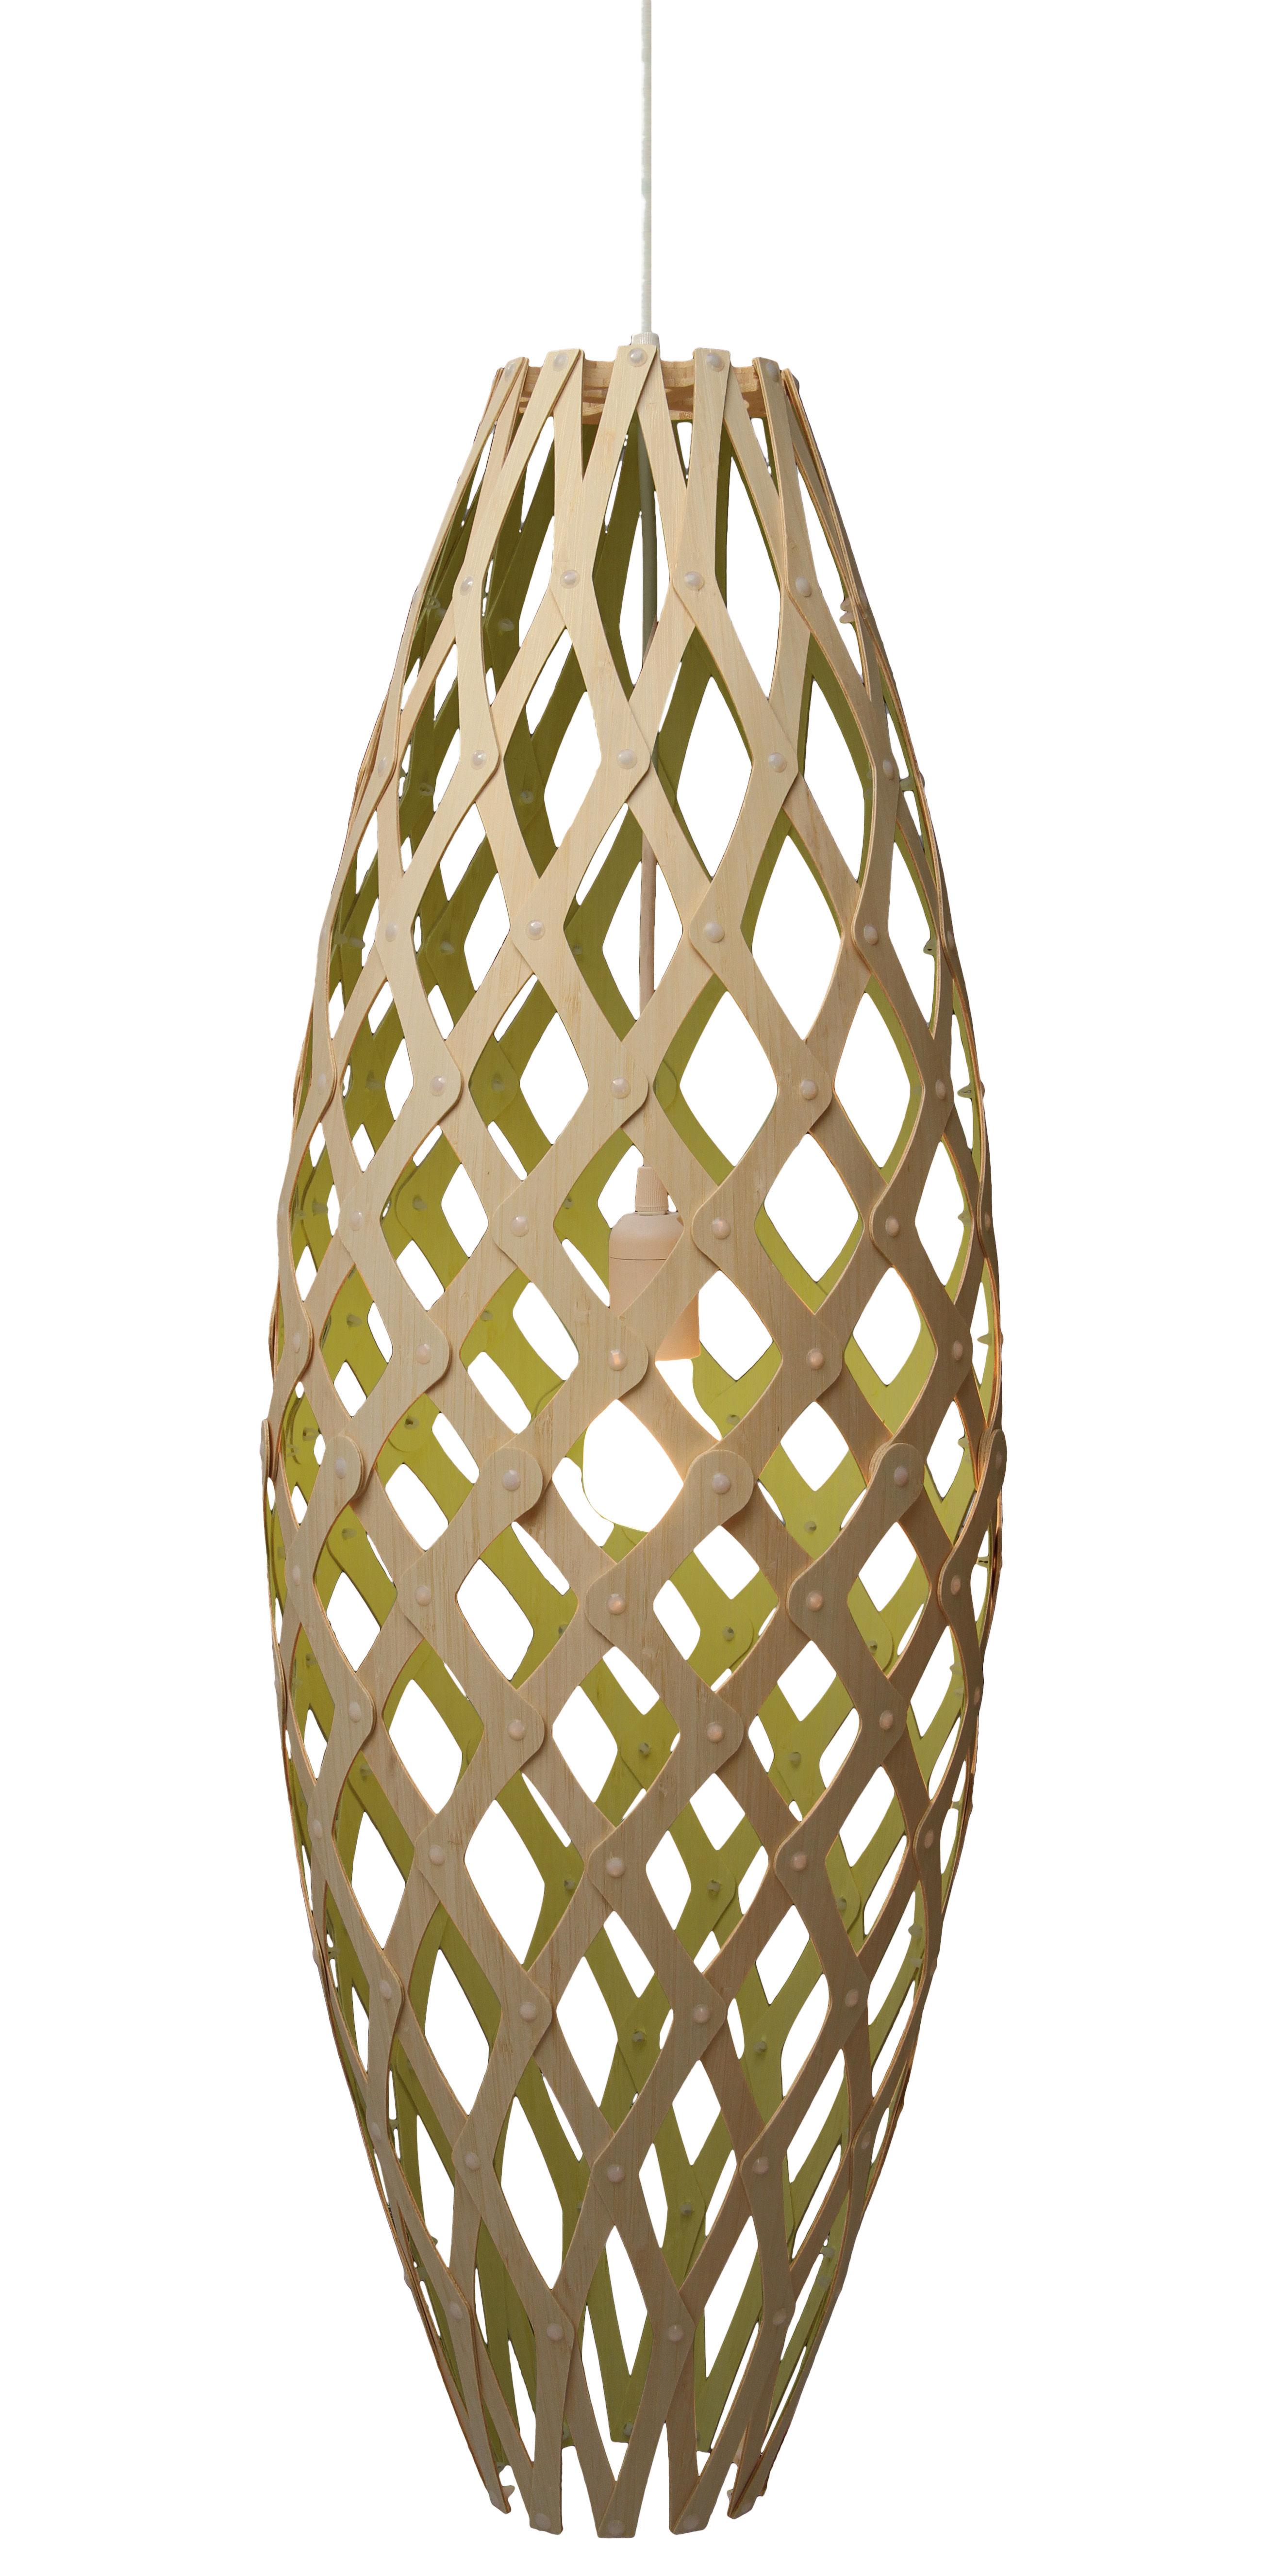 Illuminazione - Lampadari - Sospensione Hinaki - H 90 cm - Bicolore - Esclusiva di David Trubridge - Giallo limone / legno naturale - Bambù